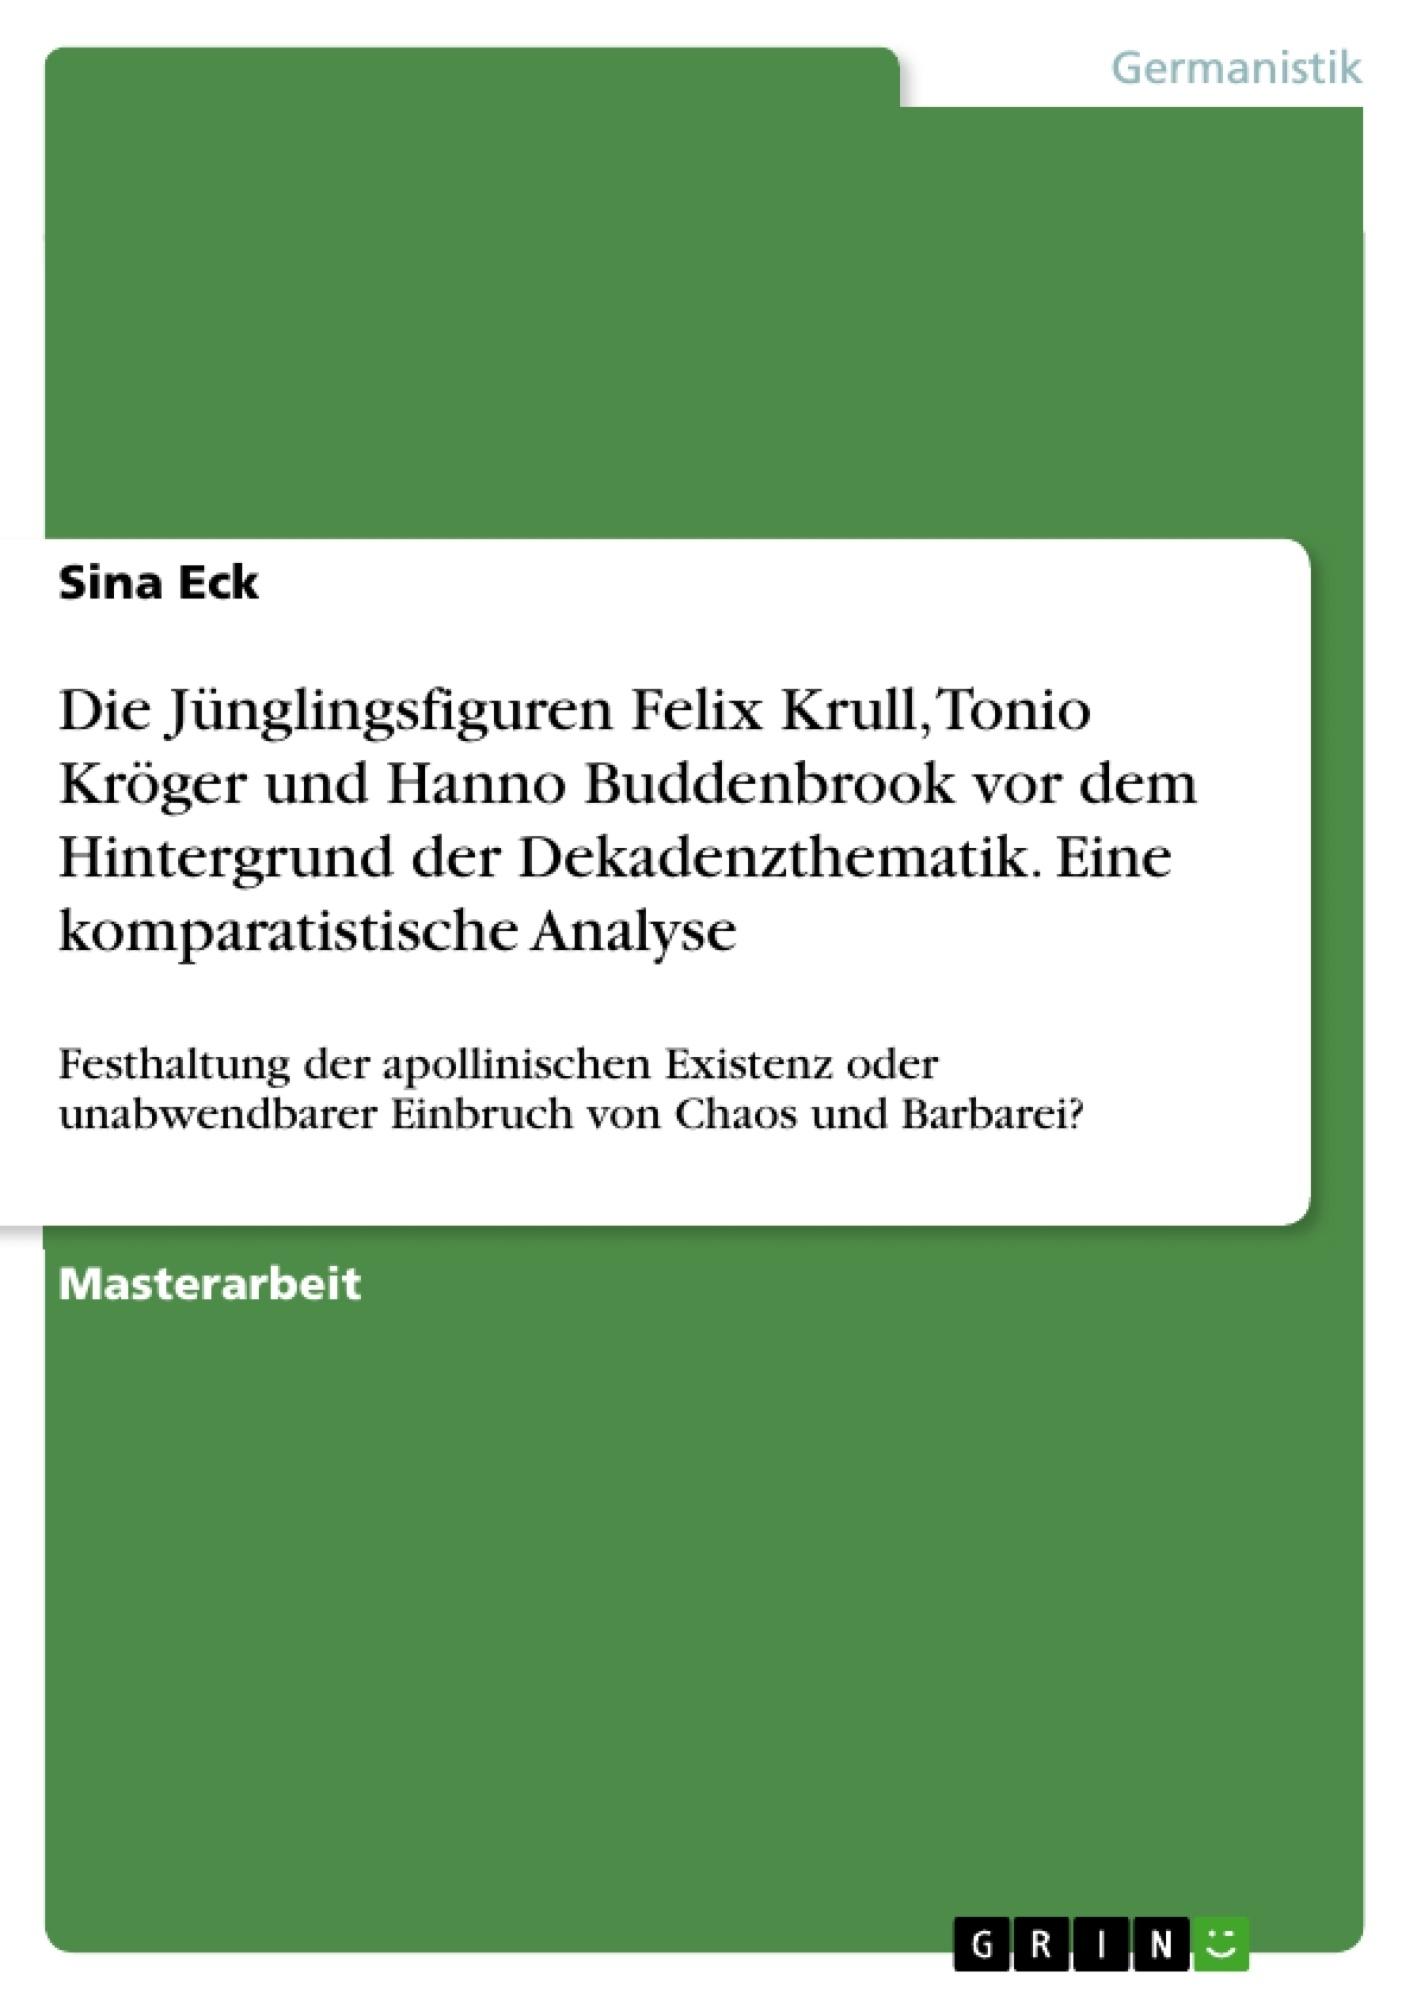 Titel: Die Jünglingsfiguren Felix Krull, Tonio Kröger und Hanno Buddenbrook vor dem Hintergrund der Dekadenzthematik. Eine komparatistische Analyse